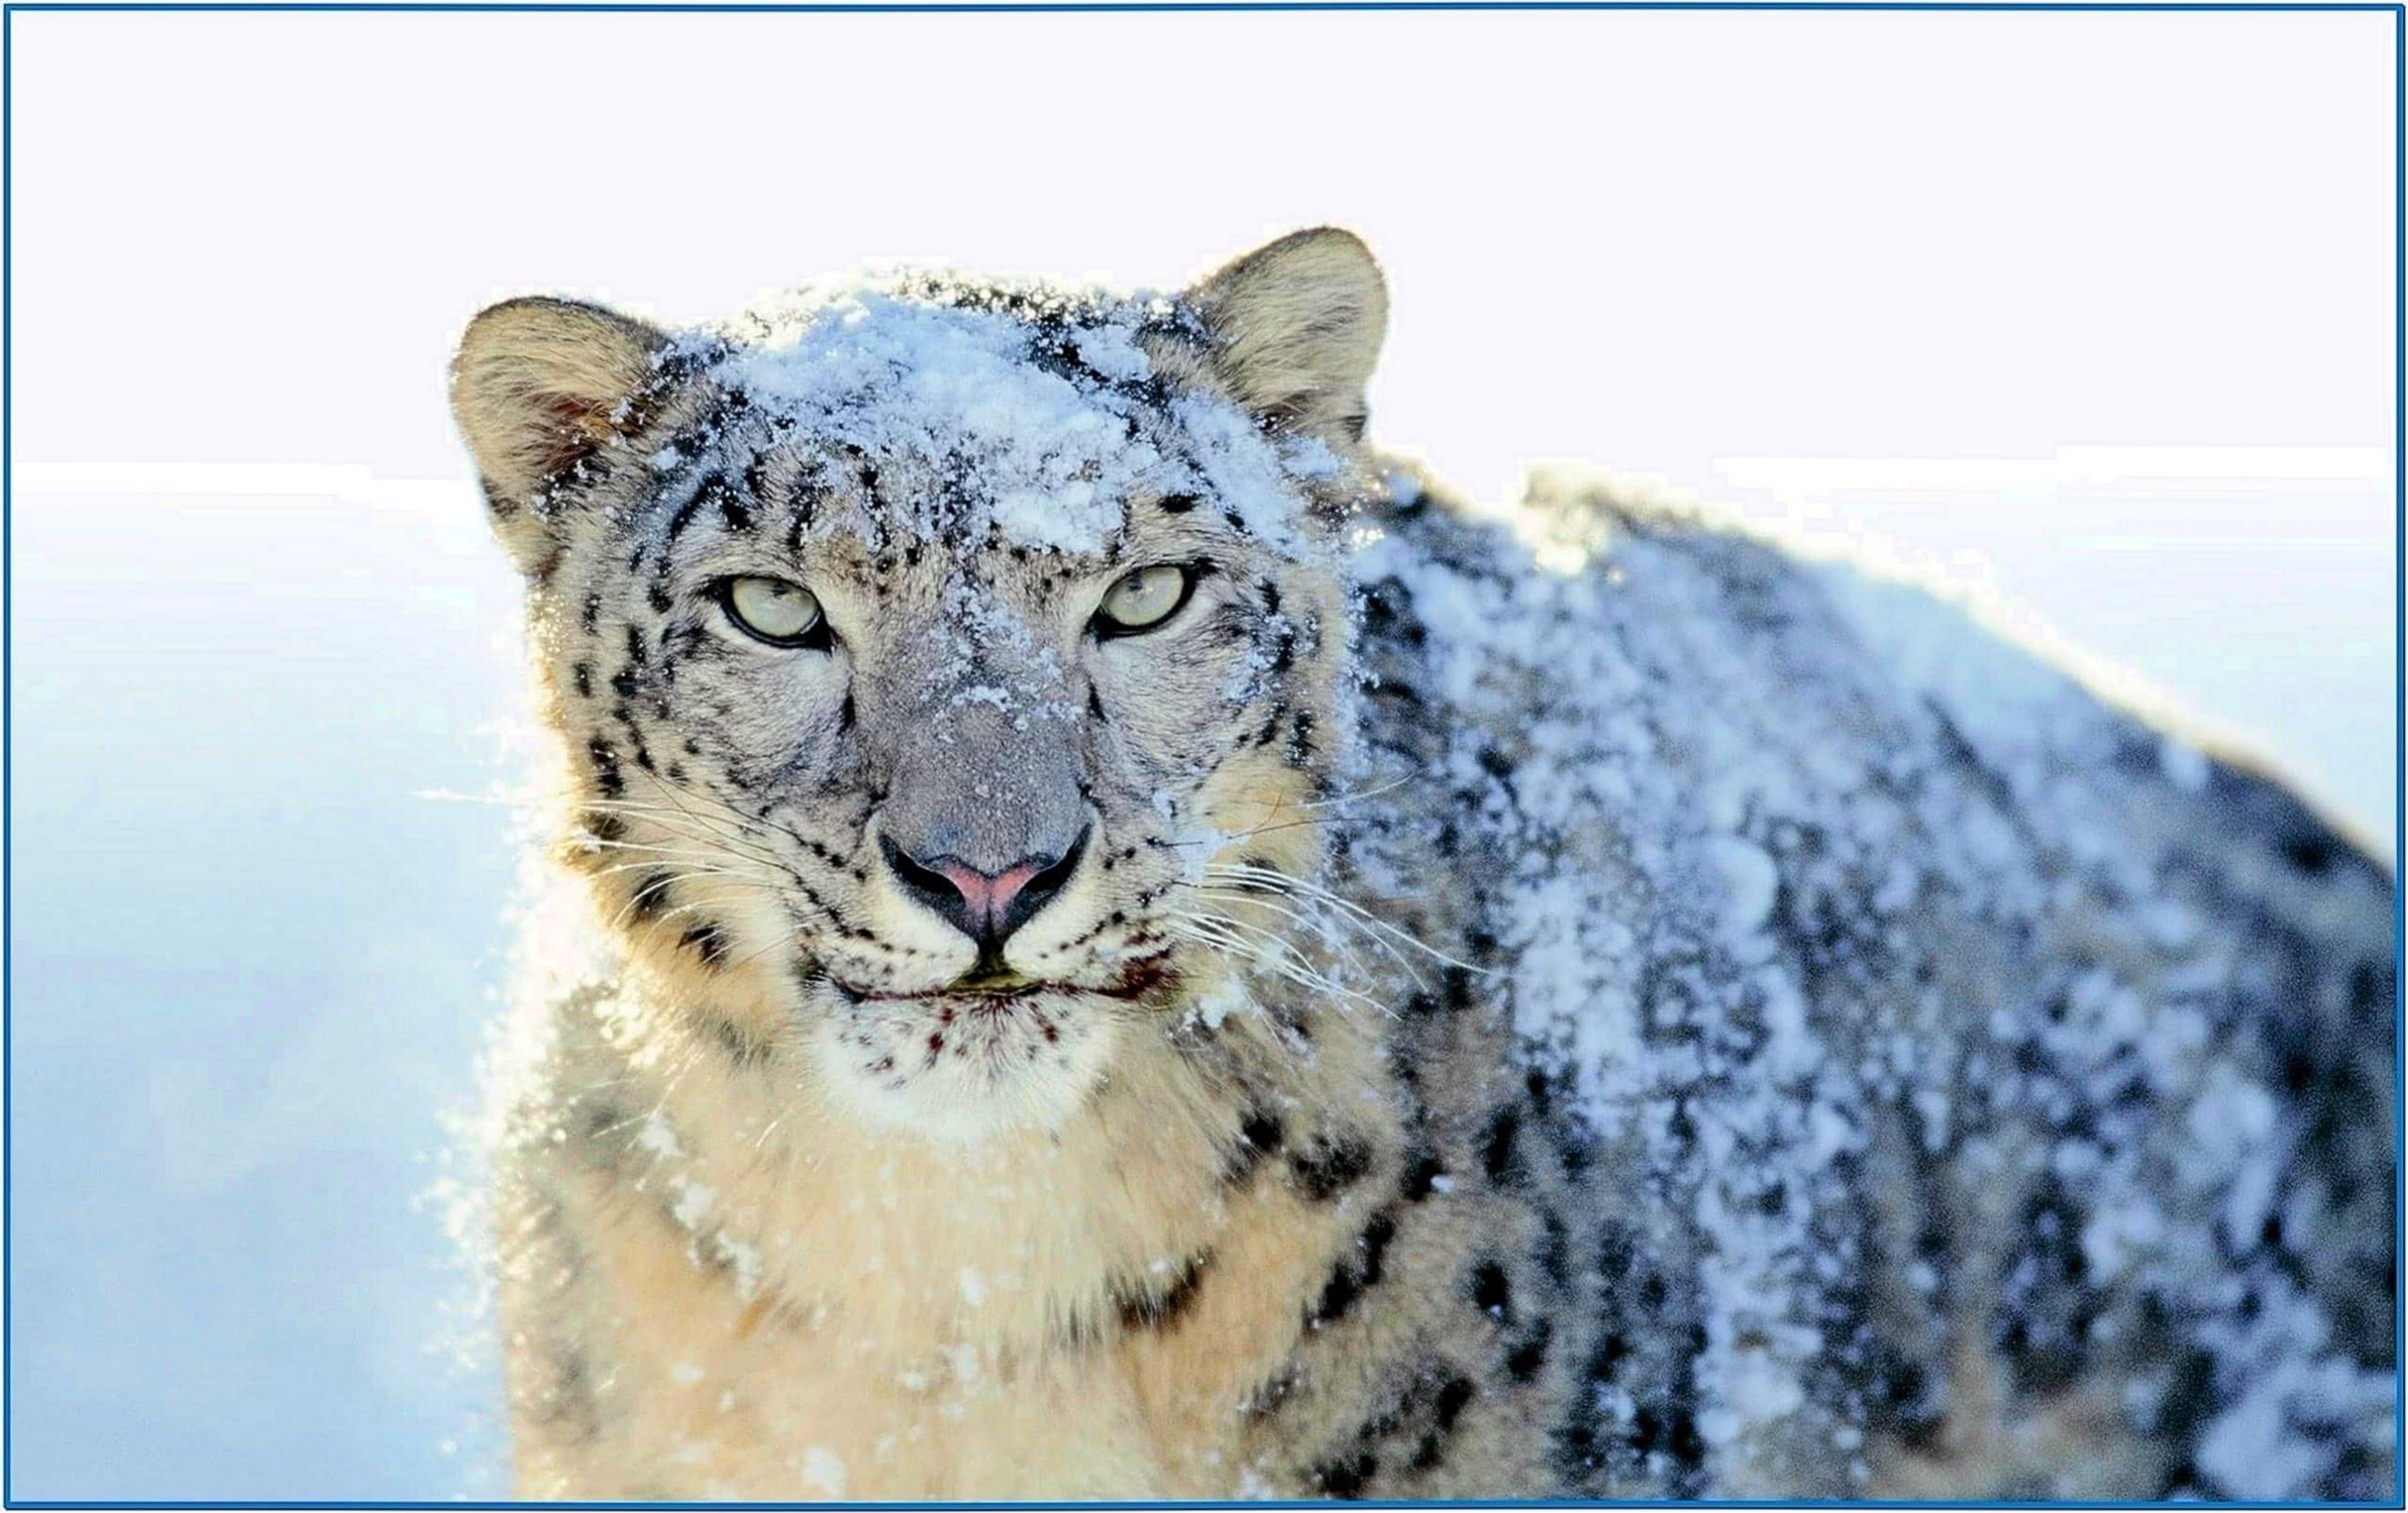 Screensavers Mac OS X Snow Leopard